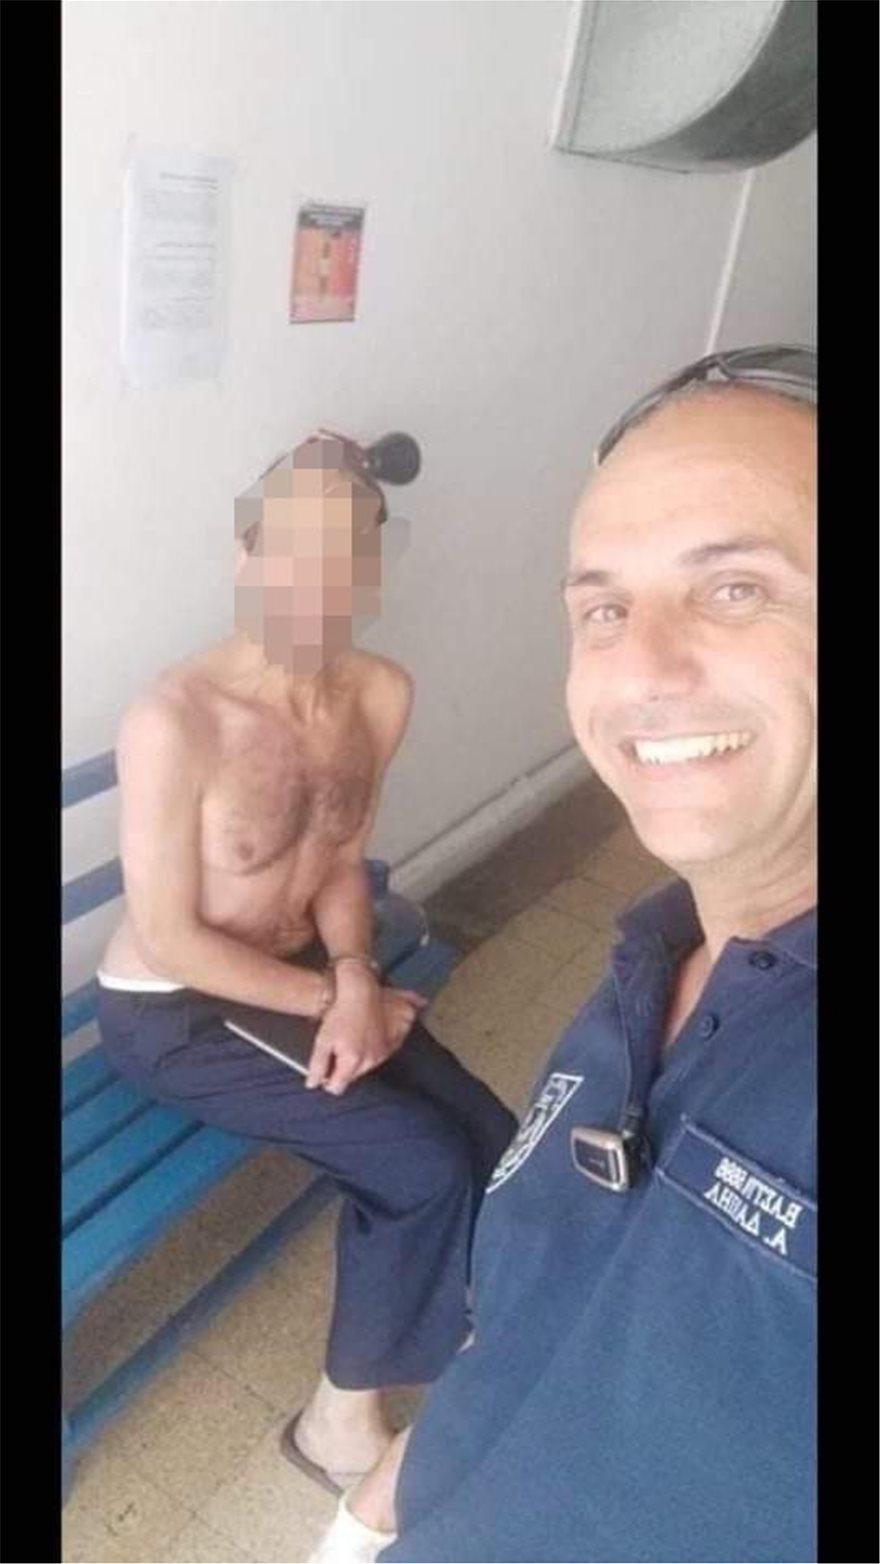 Απίστευτο βίντεο: Πήγε ολόγυμνος σε φαρμακείο της Κύπρου 14